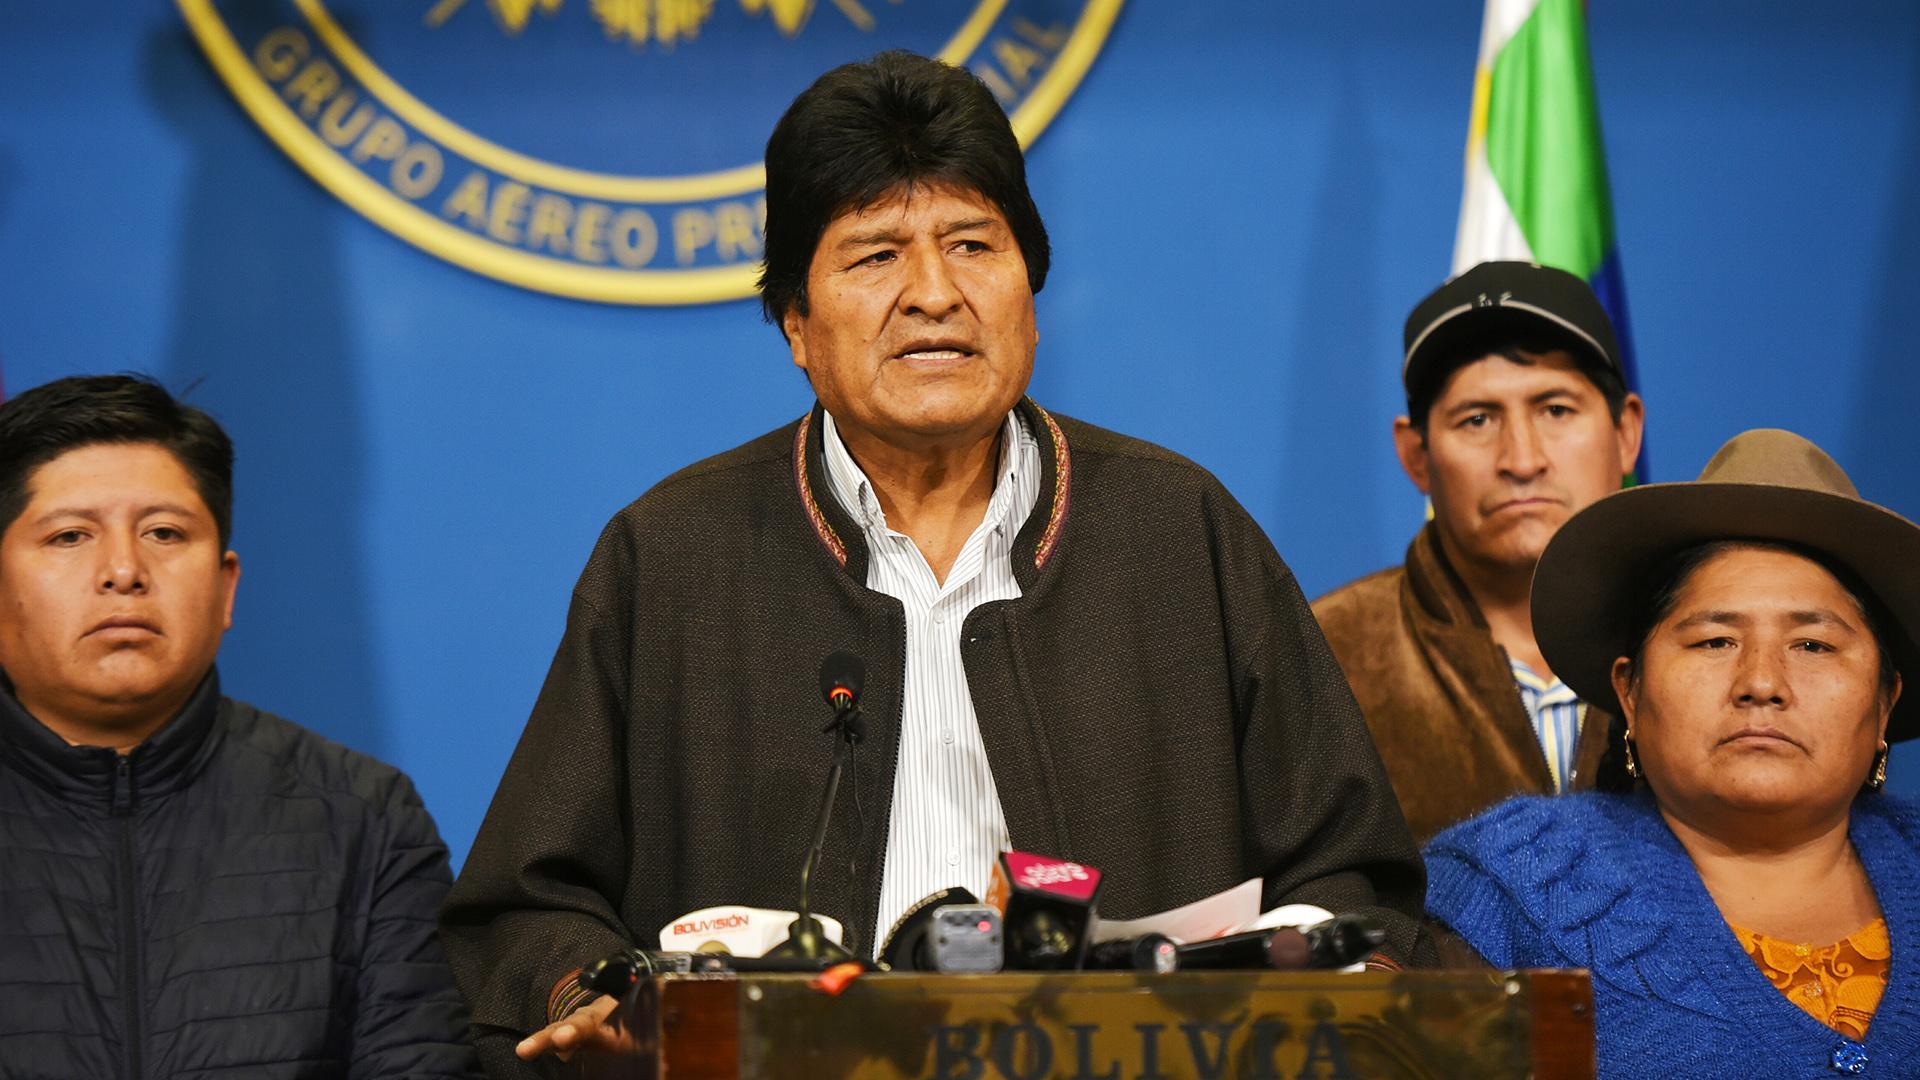 Моралес обвинил США в организации переворота в Боливии